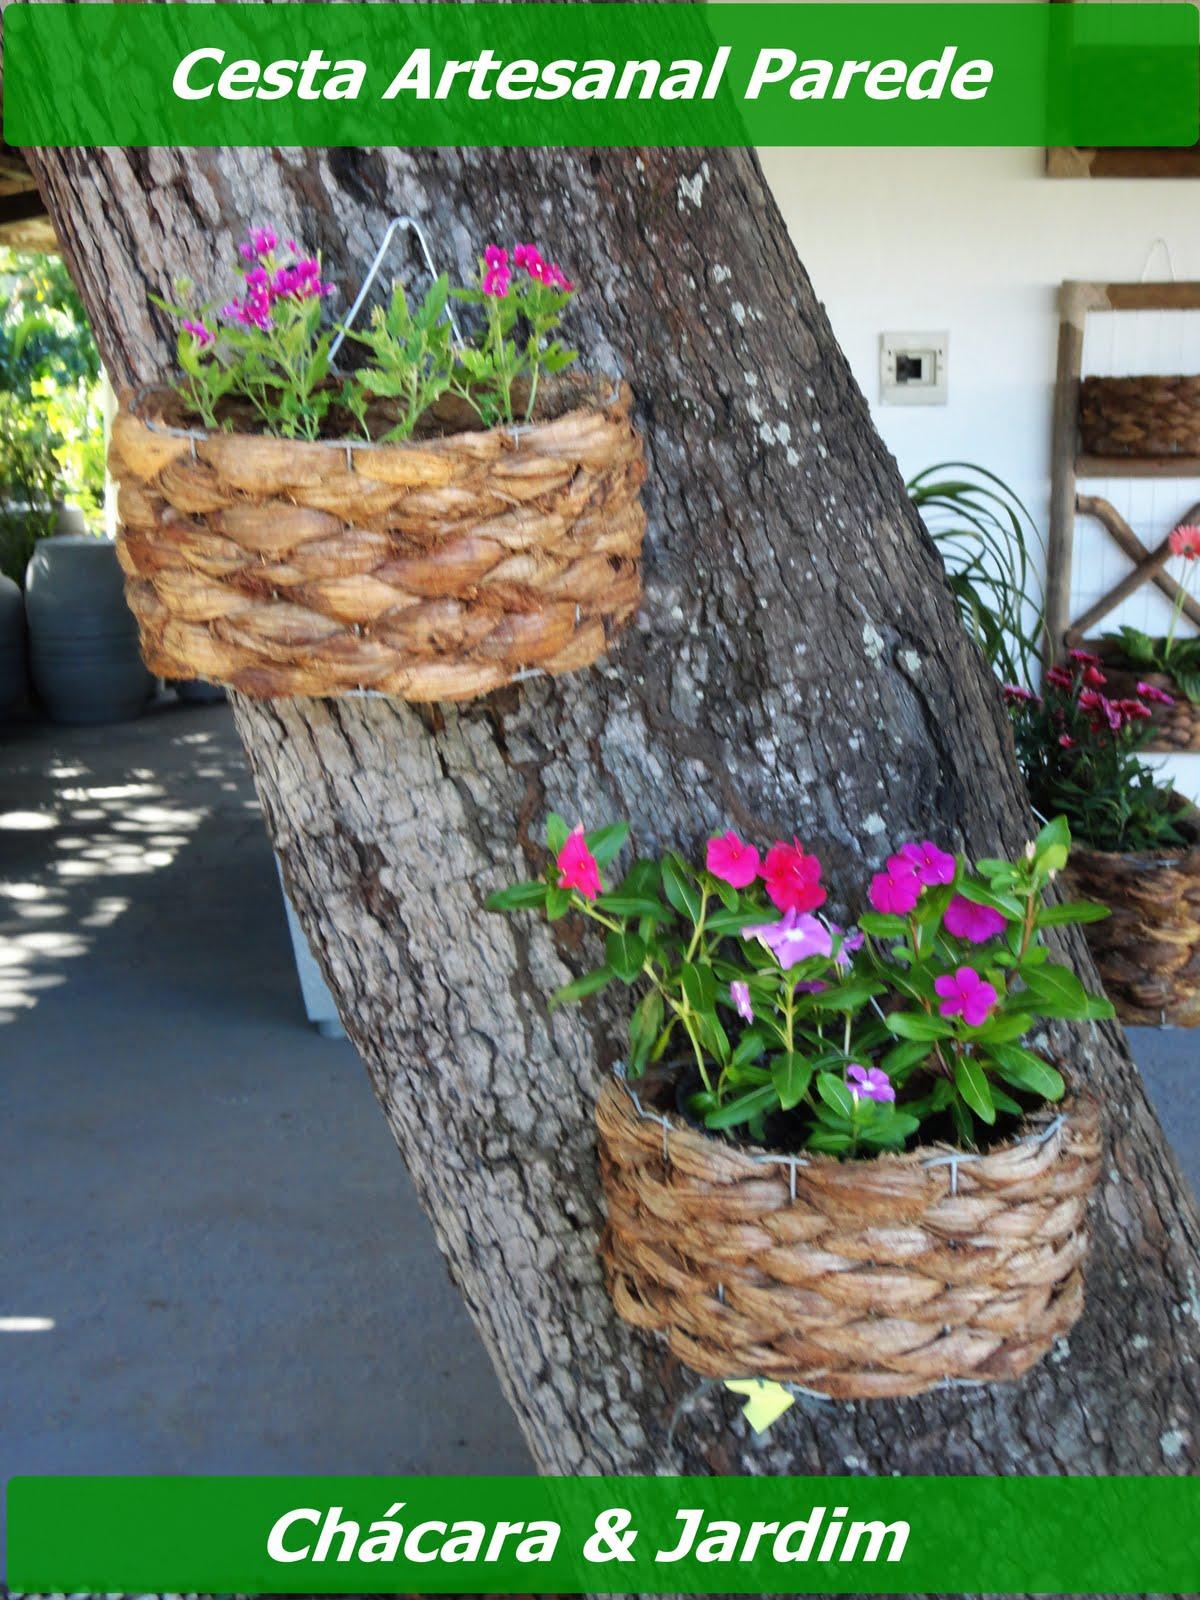 artesanato de bambu para jardim:Também dispomos de peças como as cestas artesanais para parede (meia